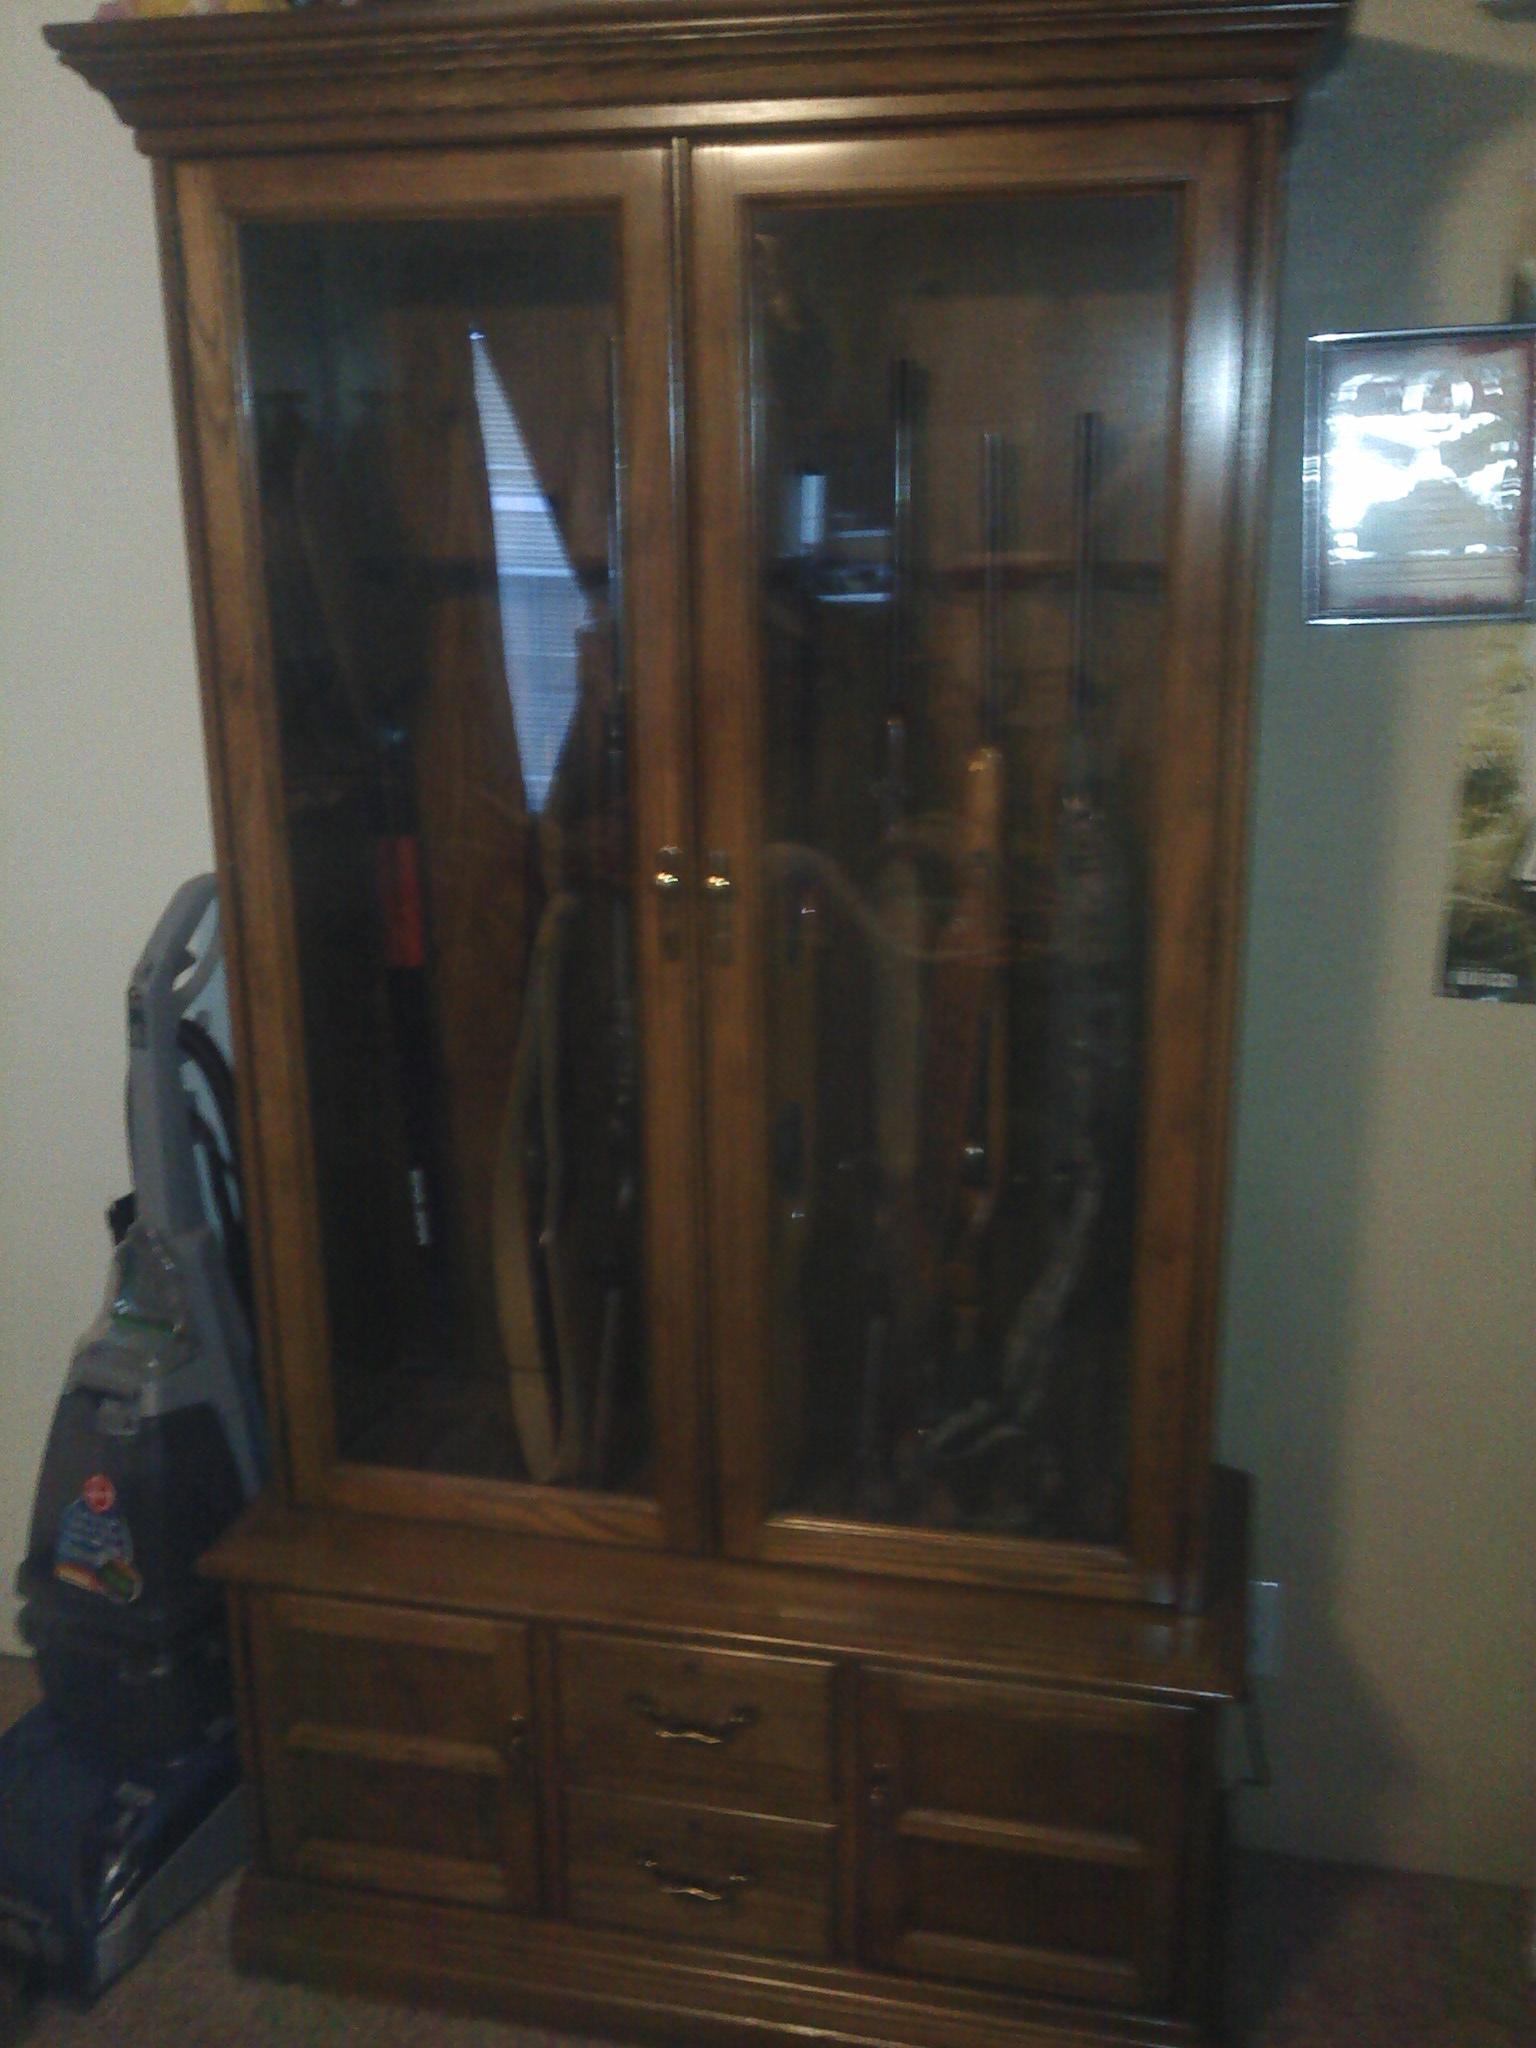 pro images for i cabinet gun tools com sale shotgun dp na dirty amazon ssl